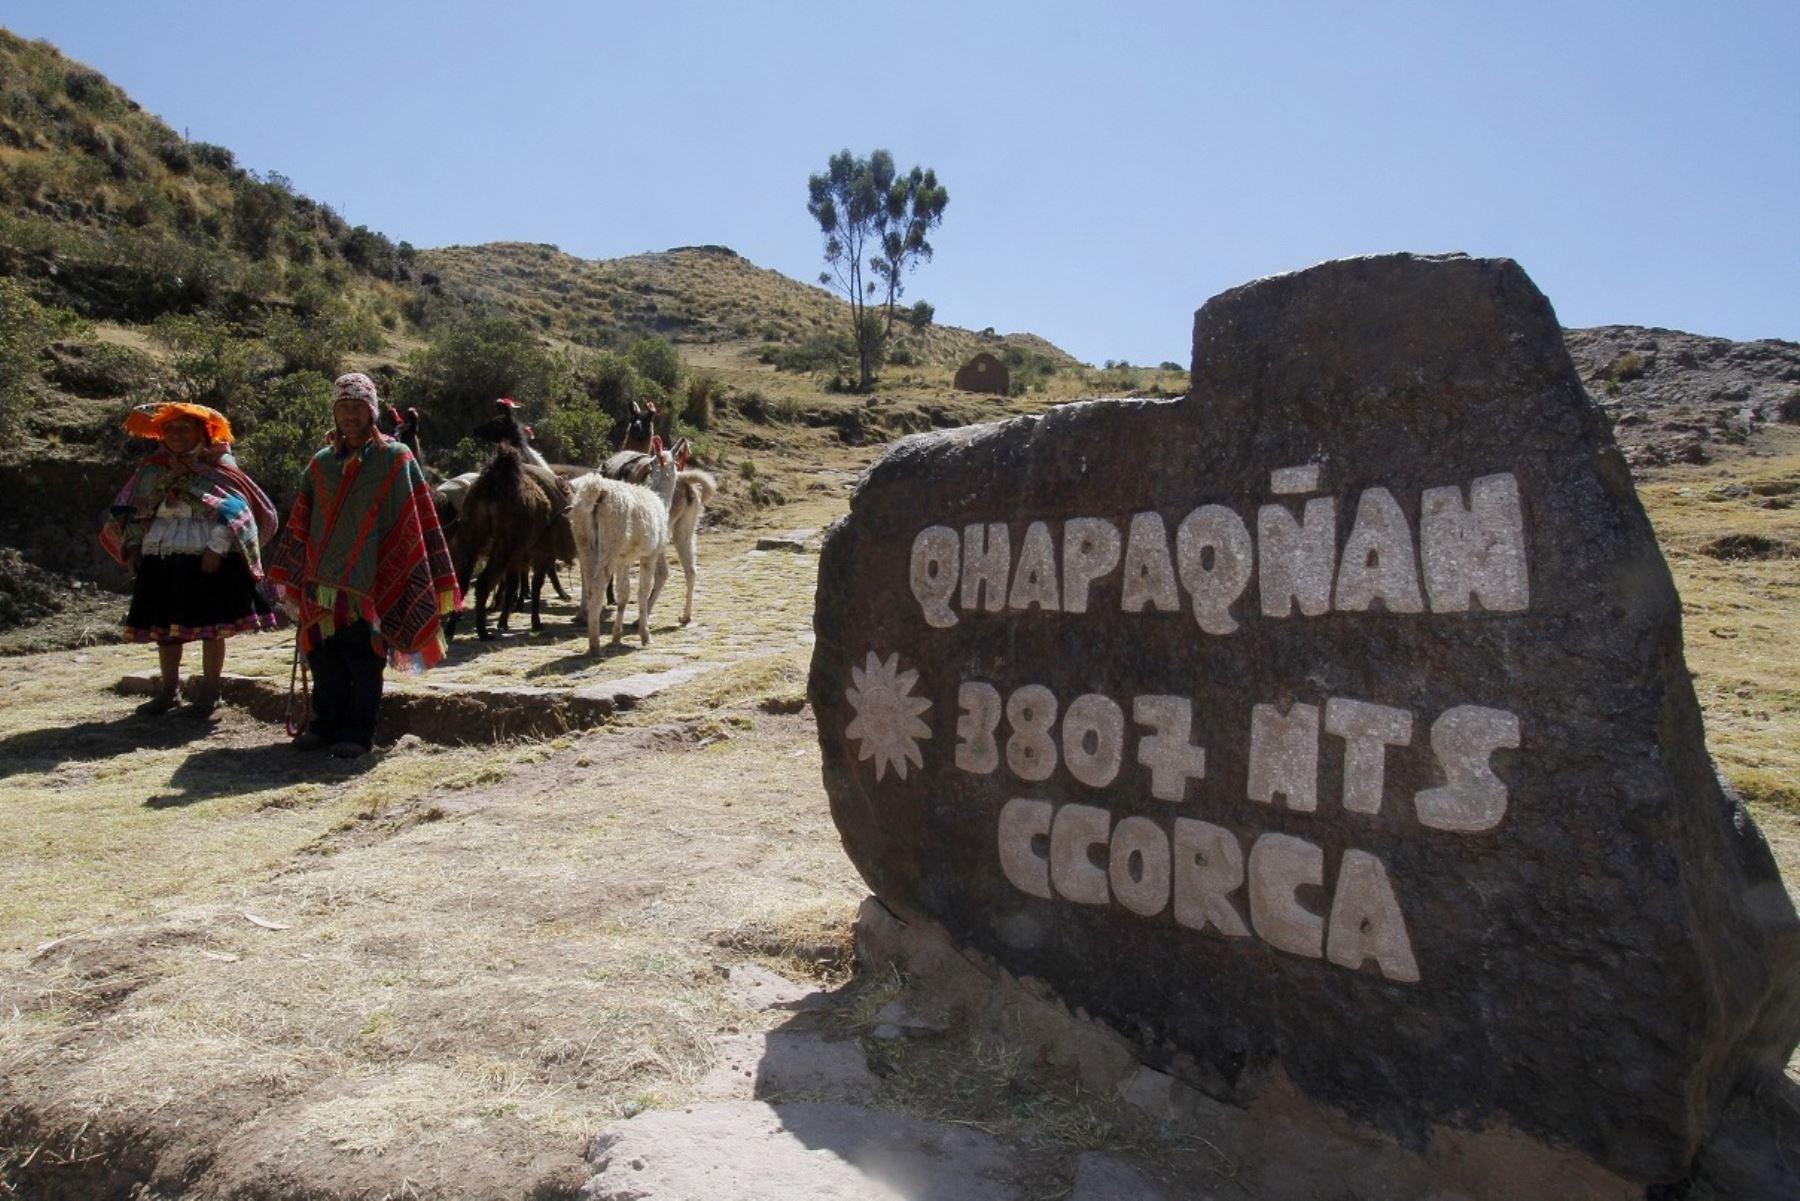 La Municipalidad de Cusco implementó proyecto que impulsa la visita turística gratuita al Camino Inca y otros circuitos turísticos. ANDINA/Percy Hurtado